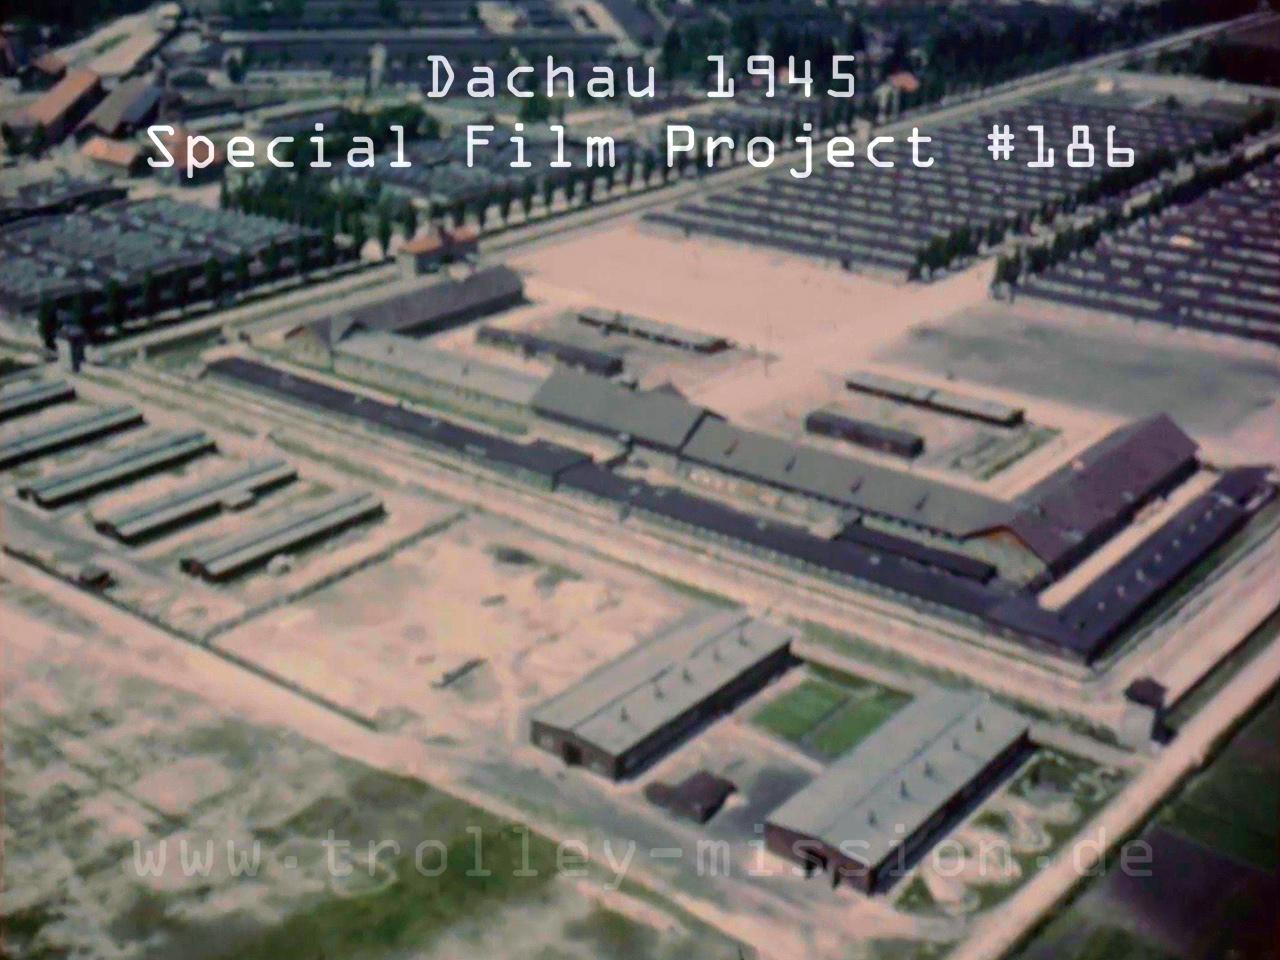 Konzentrationslager Dachau - Farbfilm Luftaufnahmen aus dem Jahr 1945